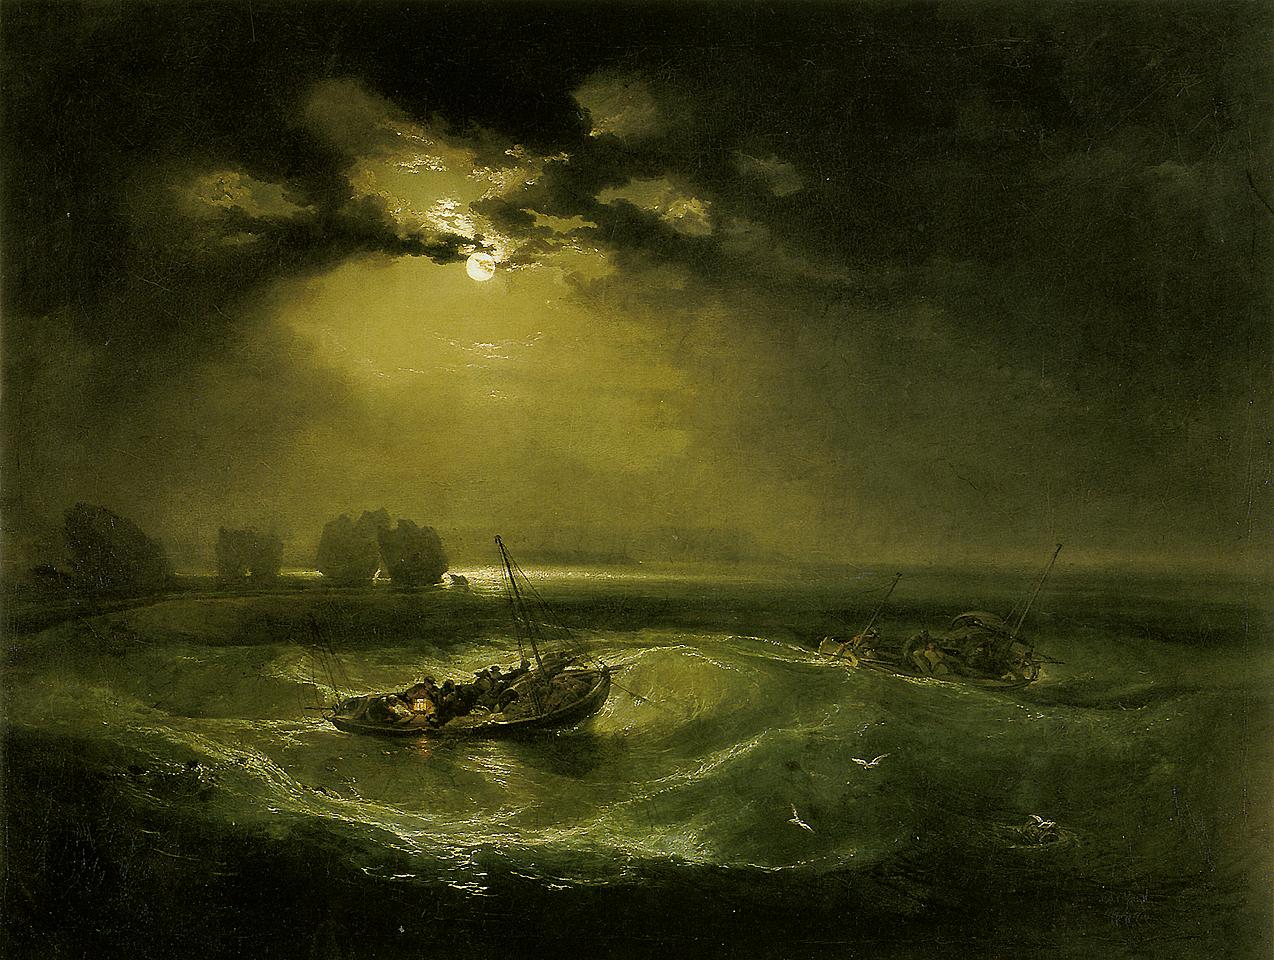 ماهیگیران در دریا _ ویلیام ترنر _ رمانتیسیسم _ آموزشگاه نقاشی شرق تهران